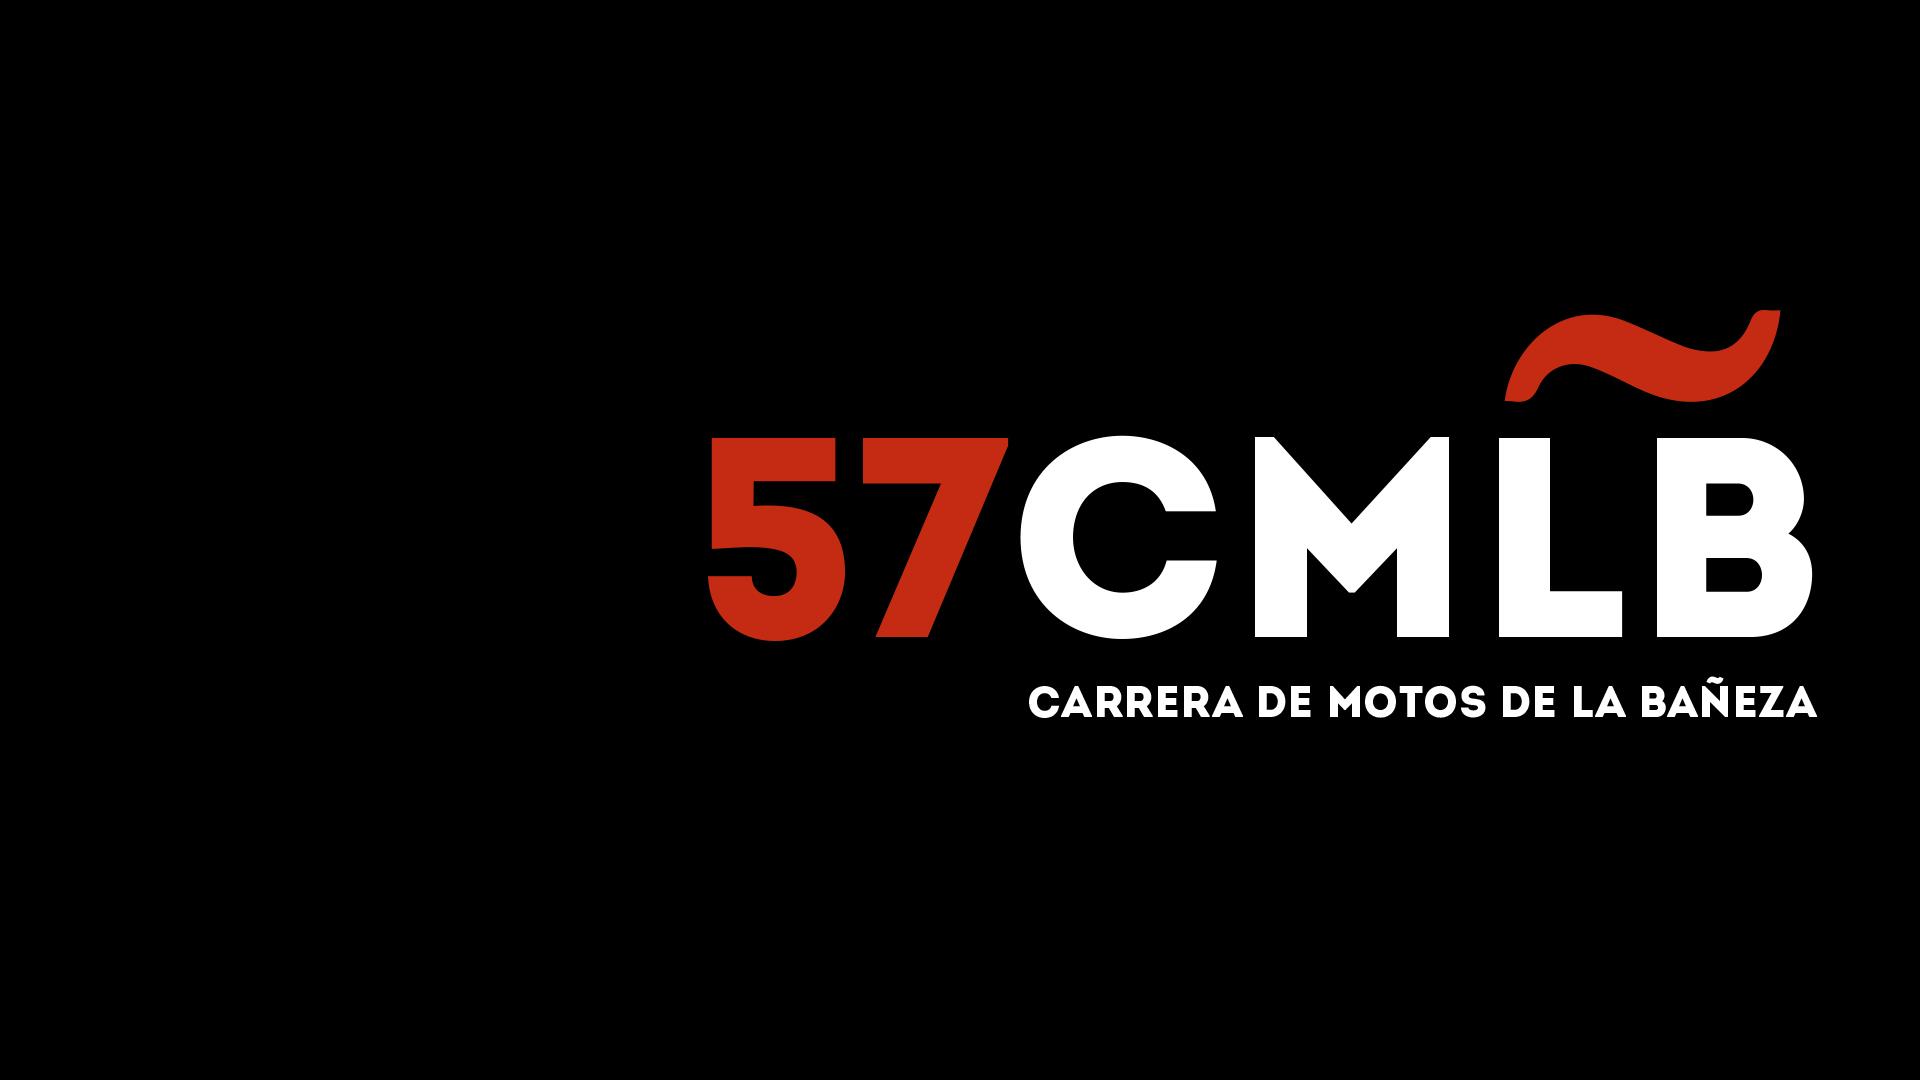 Circuito Urbano La Bañeza : Gp la bañeza fotografía natural y creativa culleredo a